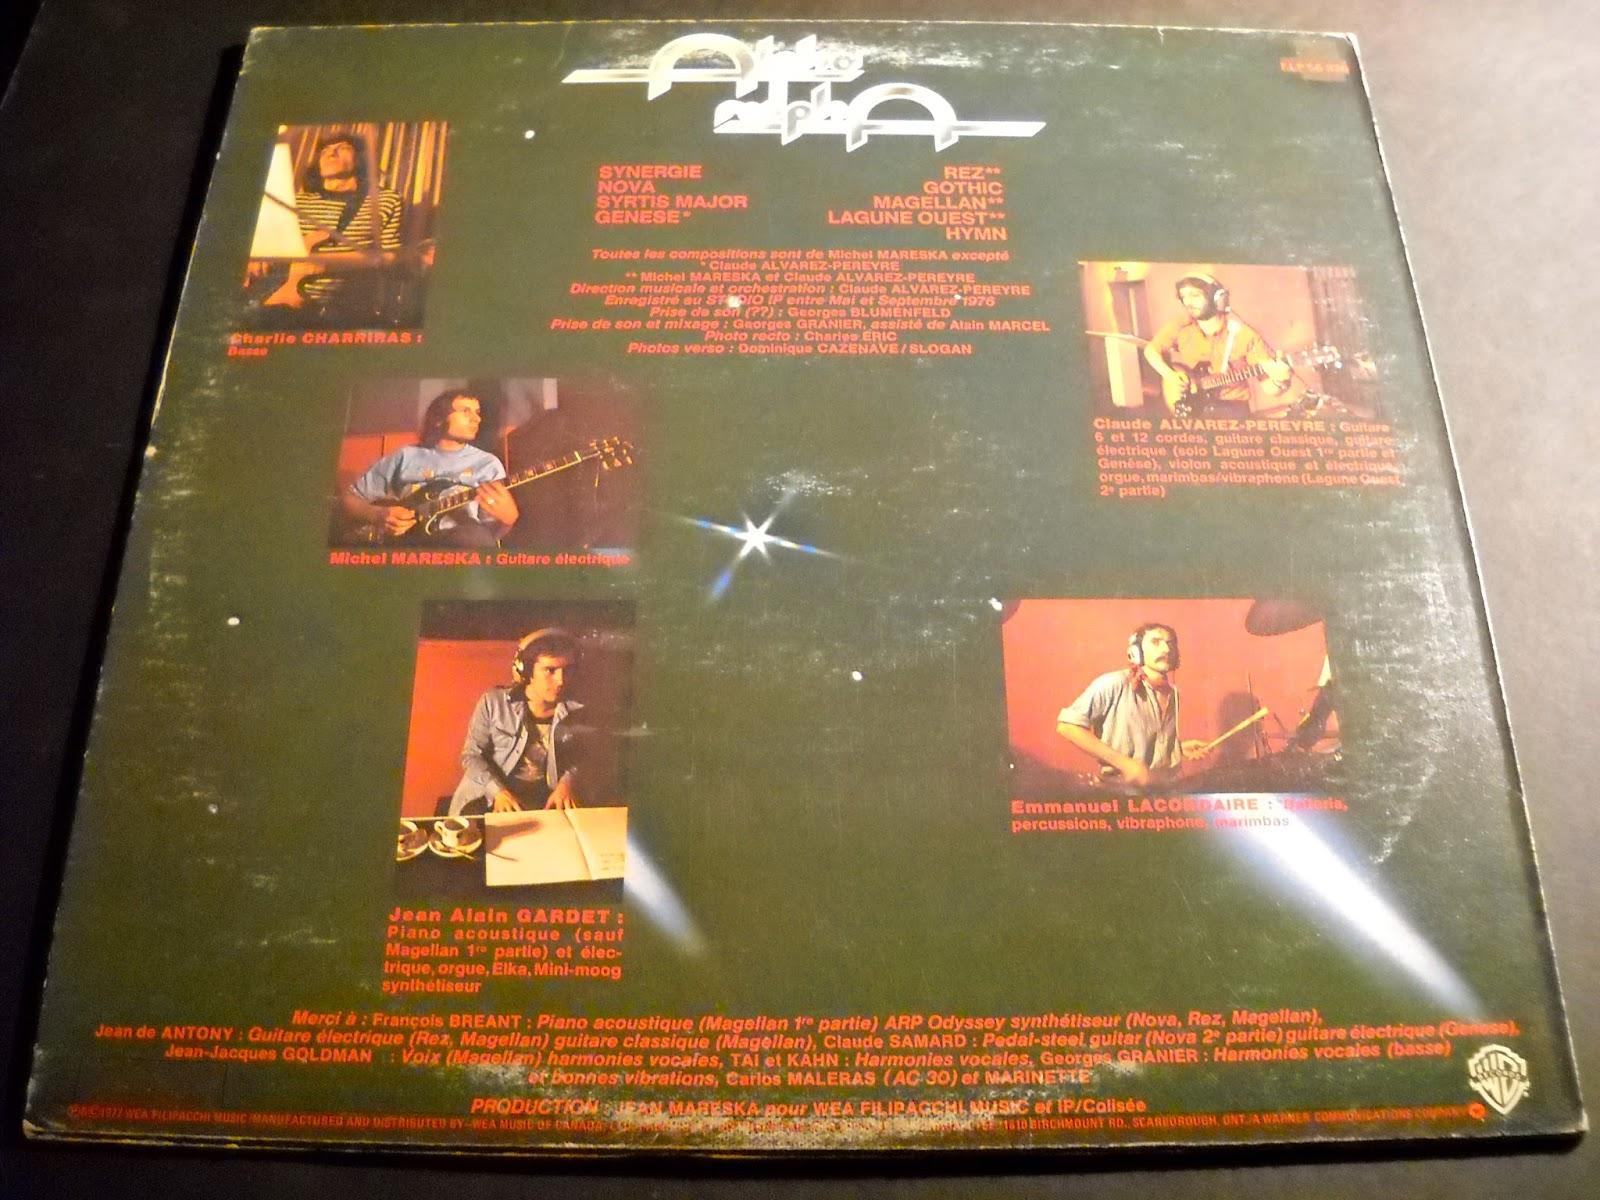 """""""Alpha Ralpha"""" foi uma banda francesa de curta duração, formada em meados dos anos setenta, com """"Michel Mareska"""" na guitarra elétrica, """"Claude Alvarez-Peryre"""" nas guitarras eléctricas e acústicas, """"Jean Alain Gardet"""" nos teclados, """"Charlie Charriras"""" no baixo e """"Emmanuel Lacordaire"""" na percussão. Em seu único álbum, mais quatro músicos apareceram, """"Francois Bréant"""" no piano e synth, """"Jean de Anthony"""" e """"Claude Samard"""" nas guitarras, e """"Jean-Jaques Goldman"""" nos vocais. """"Claude Alvarez-Peryre"""", um co-fundador do grupo era um membro da banda """"Malicorne"""", enquanto """"Jean Alain Gardet"""" e """"Jean-Jaques Goldman"""" foram os membros da """"Tai Phong"""". A banda lançou apenas um álbum, o LP auto-intitulado lançado pela Warner no Canadá e na França, em 1977. Sua música pode ser descrita como uma mistura de jazz rock e a tipica sinfonia do prog francês, onde as guitarras e teclados dominam as melodias em sua maior parte, com uso ocasional de vibrafone e marimba, e belas harmonias vocais, recomendo."""